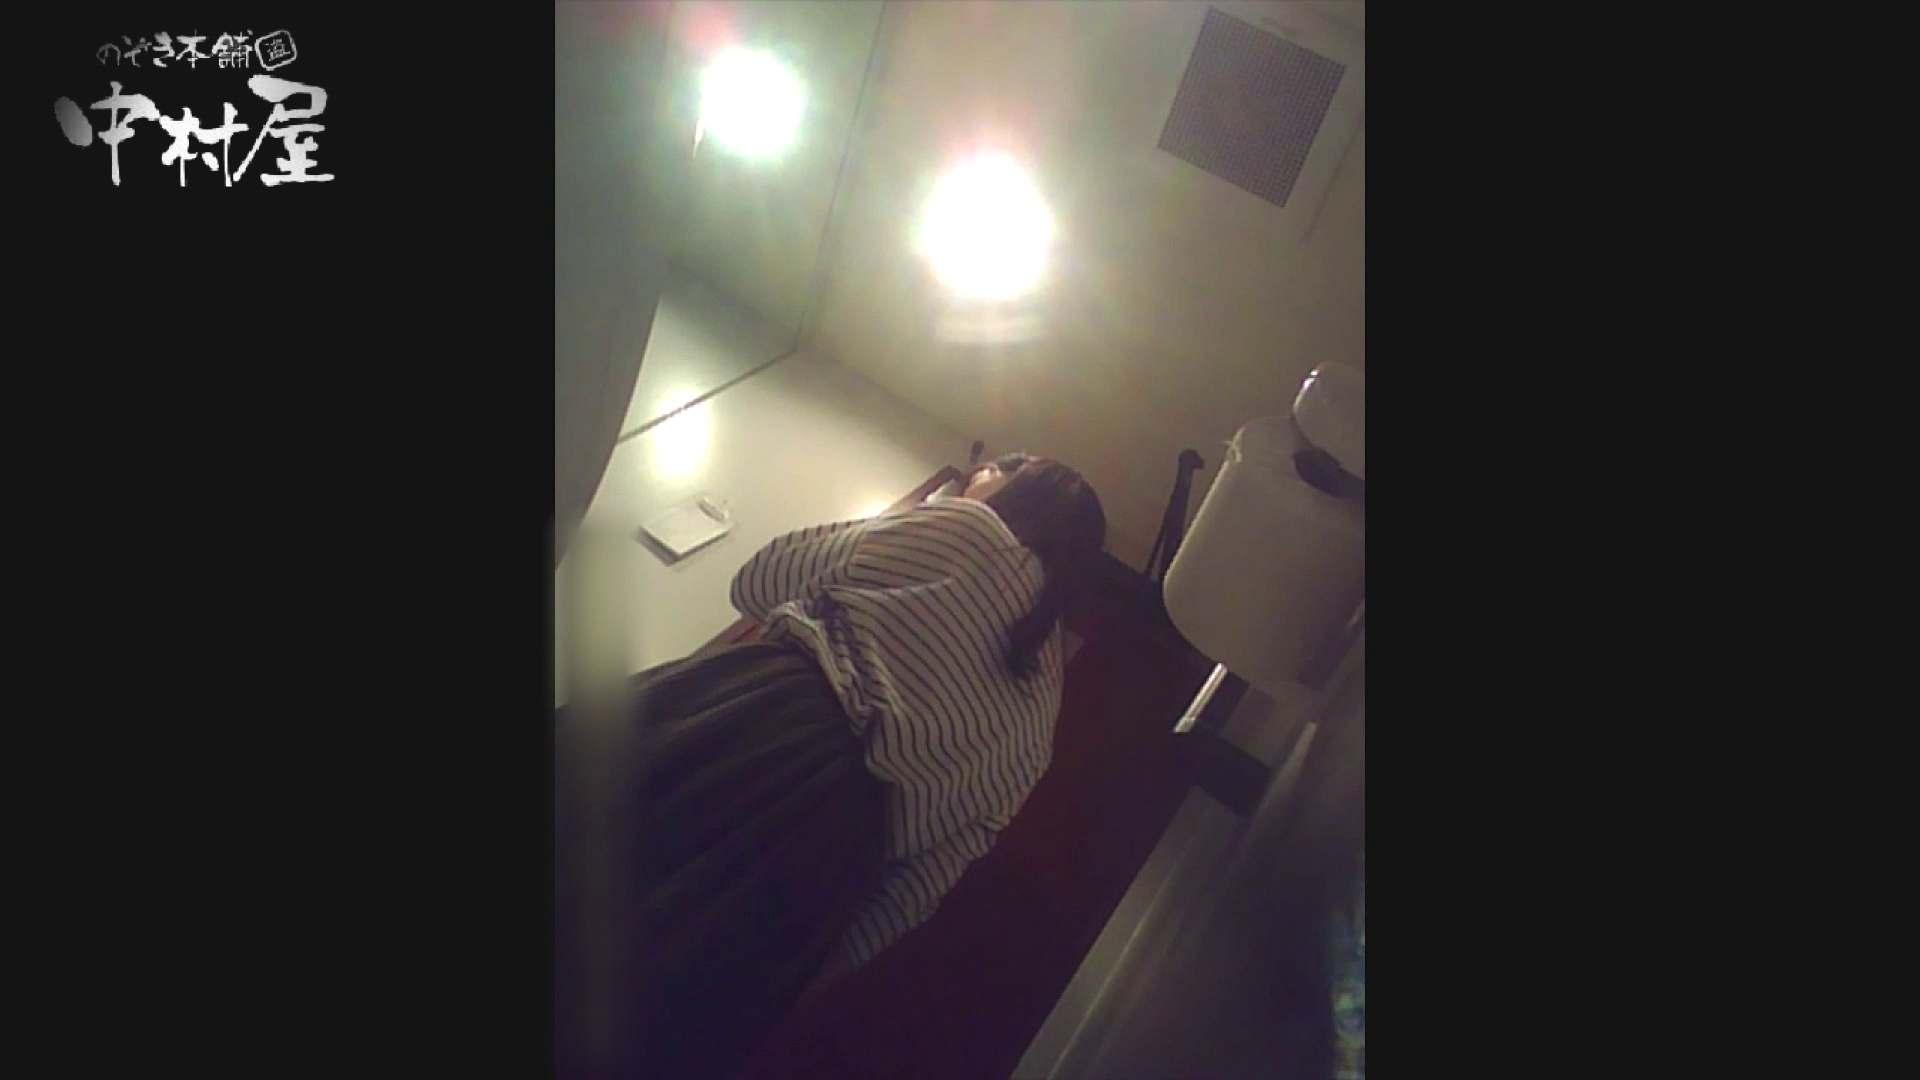 高画質トイレ盗撮vol.12 トイレの中まで | 盗撮動画 盗撮 11枚 9